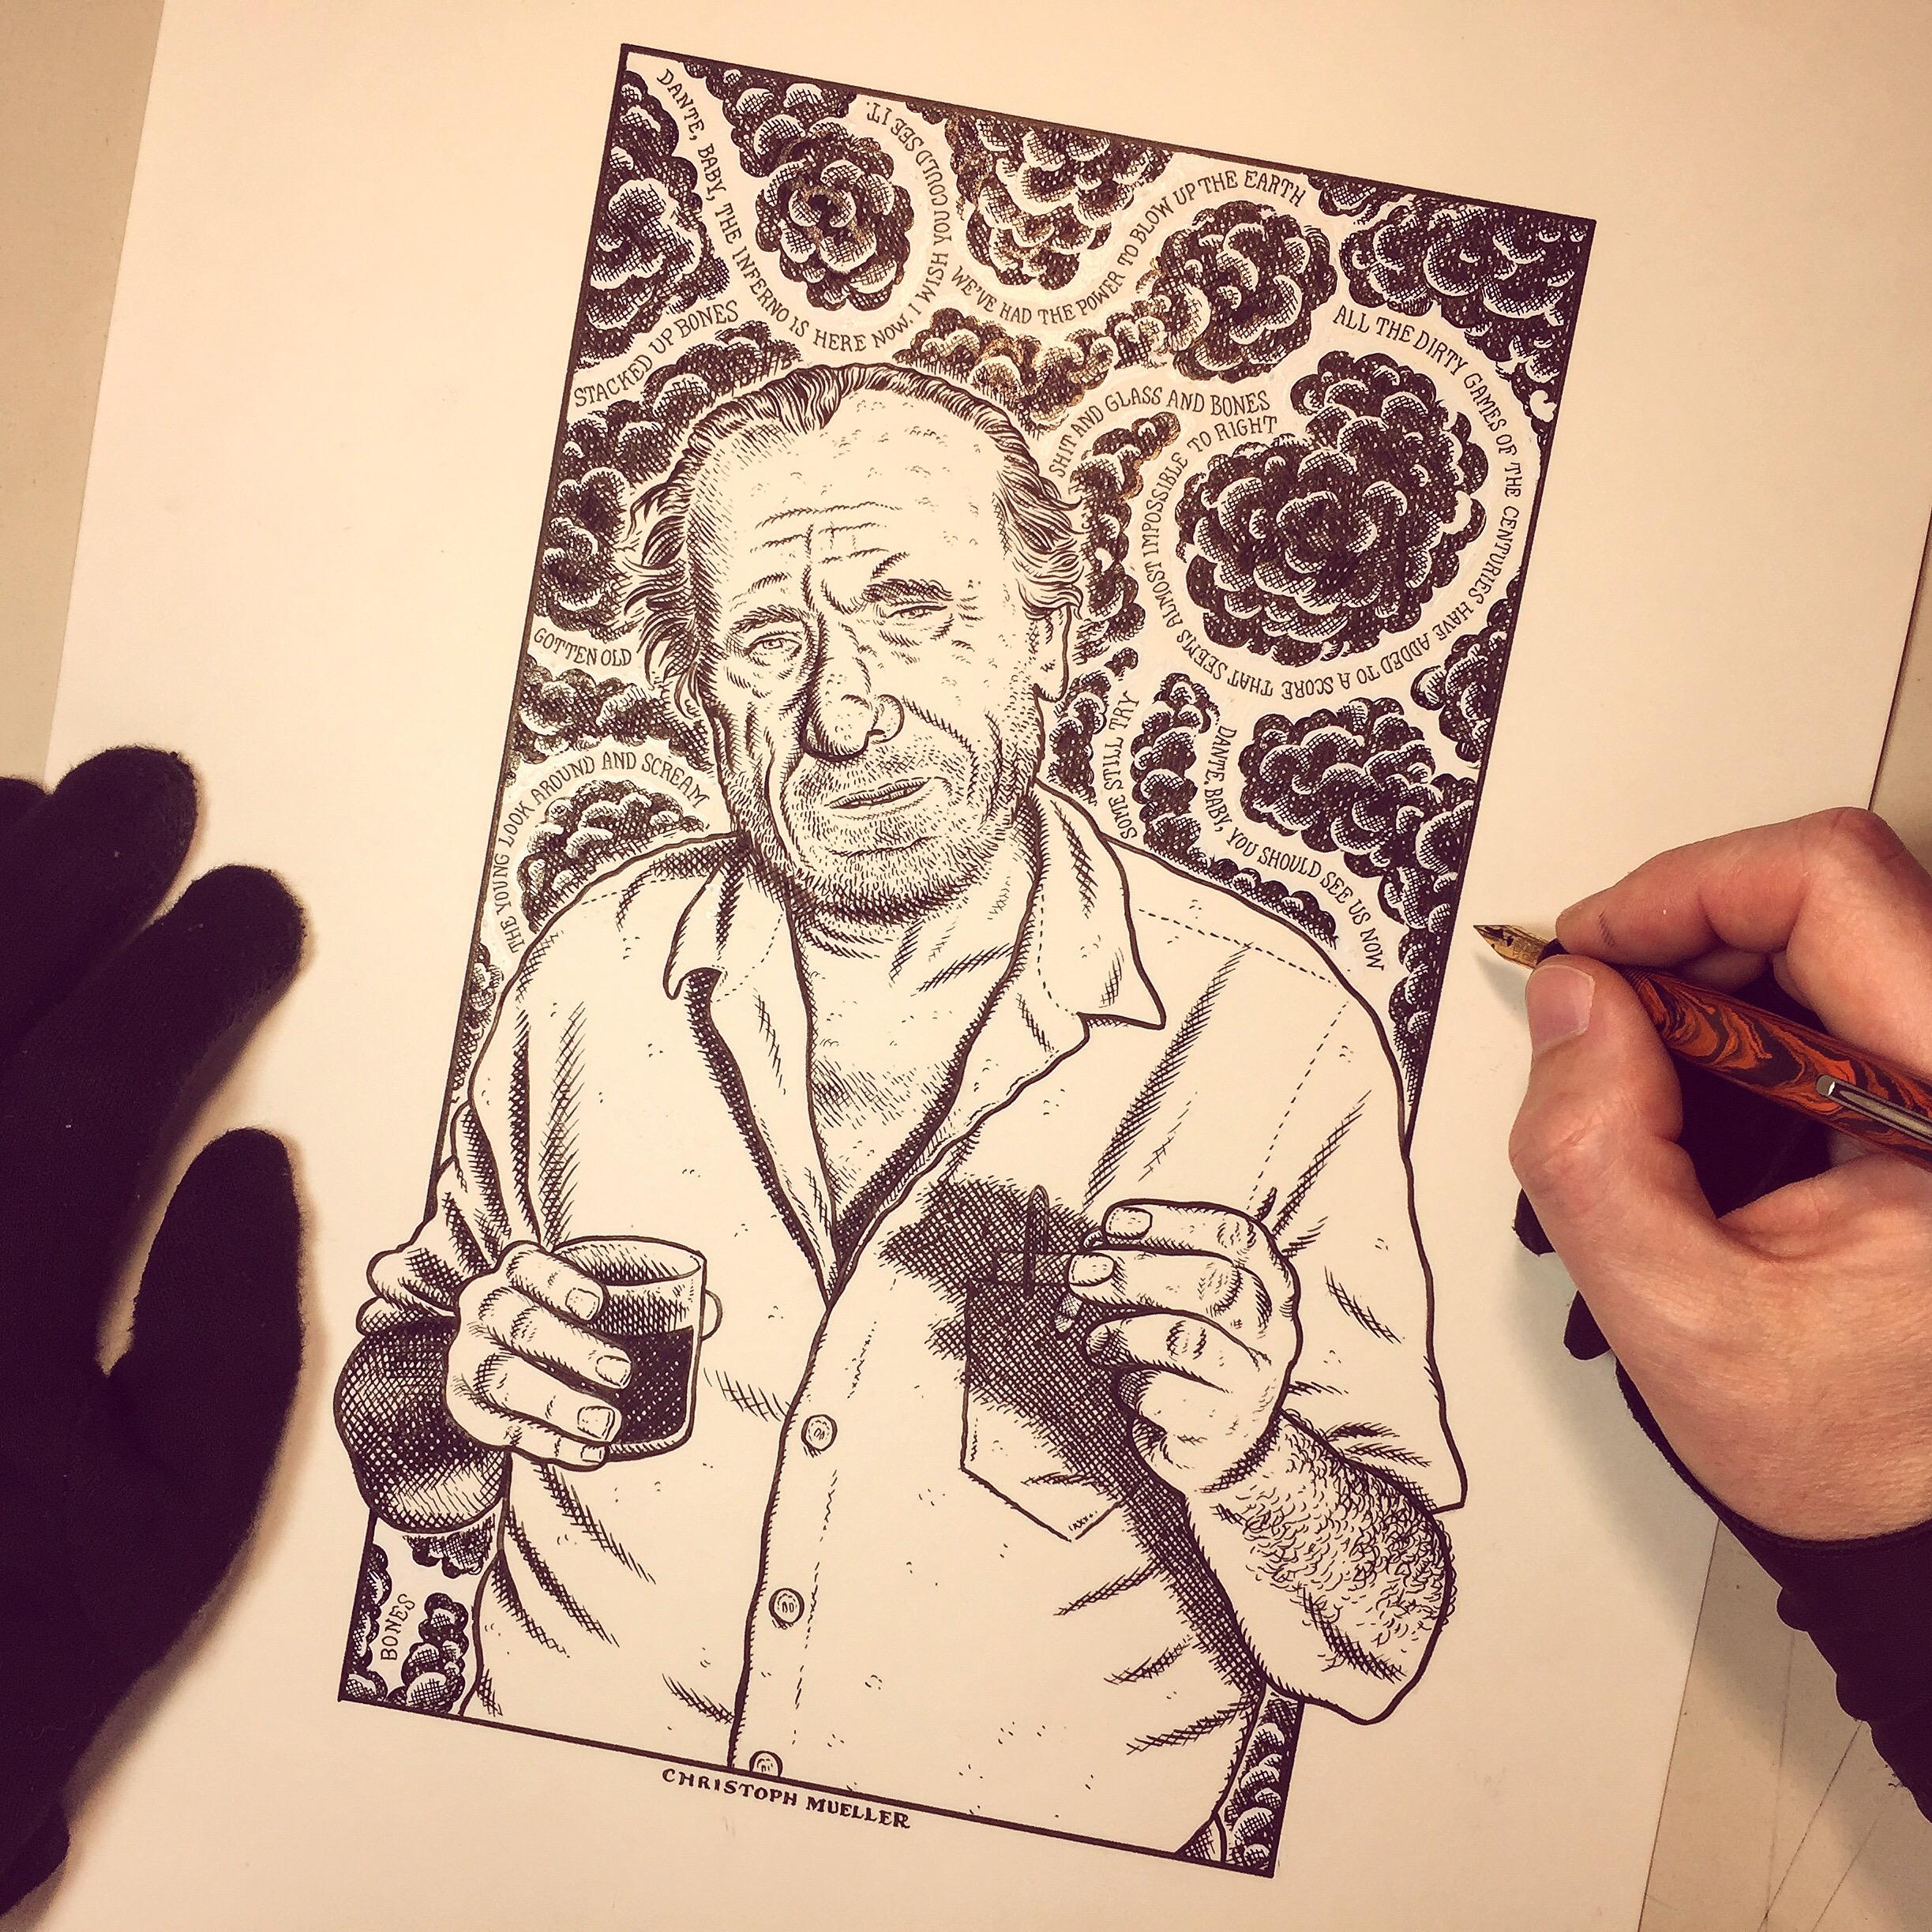 Charles Bukowski by Christoph Mueller